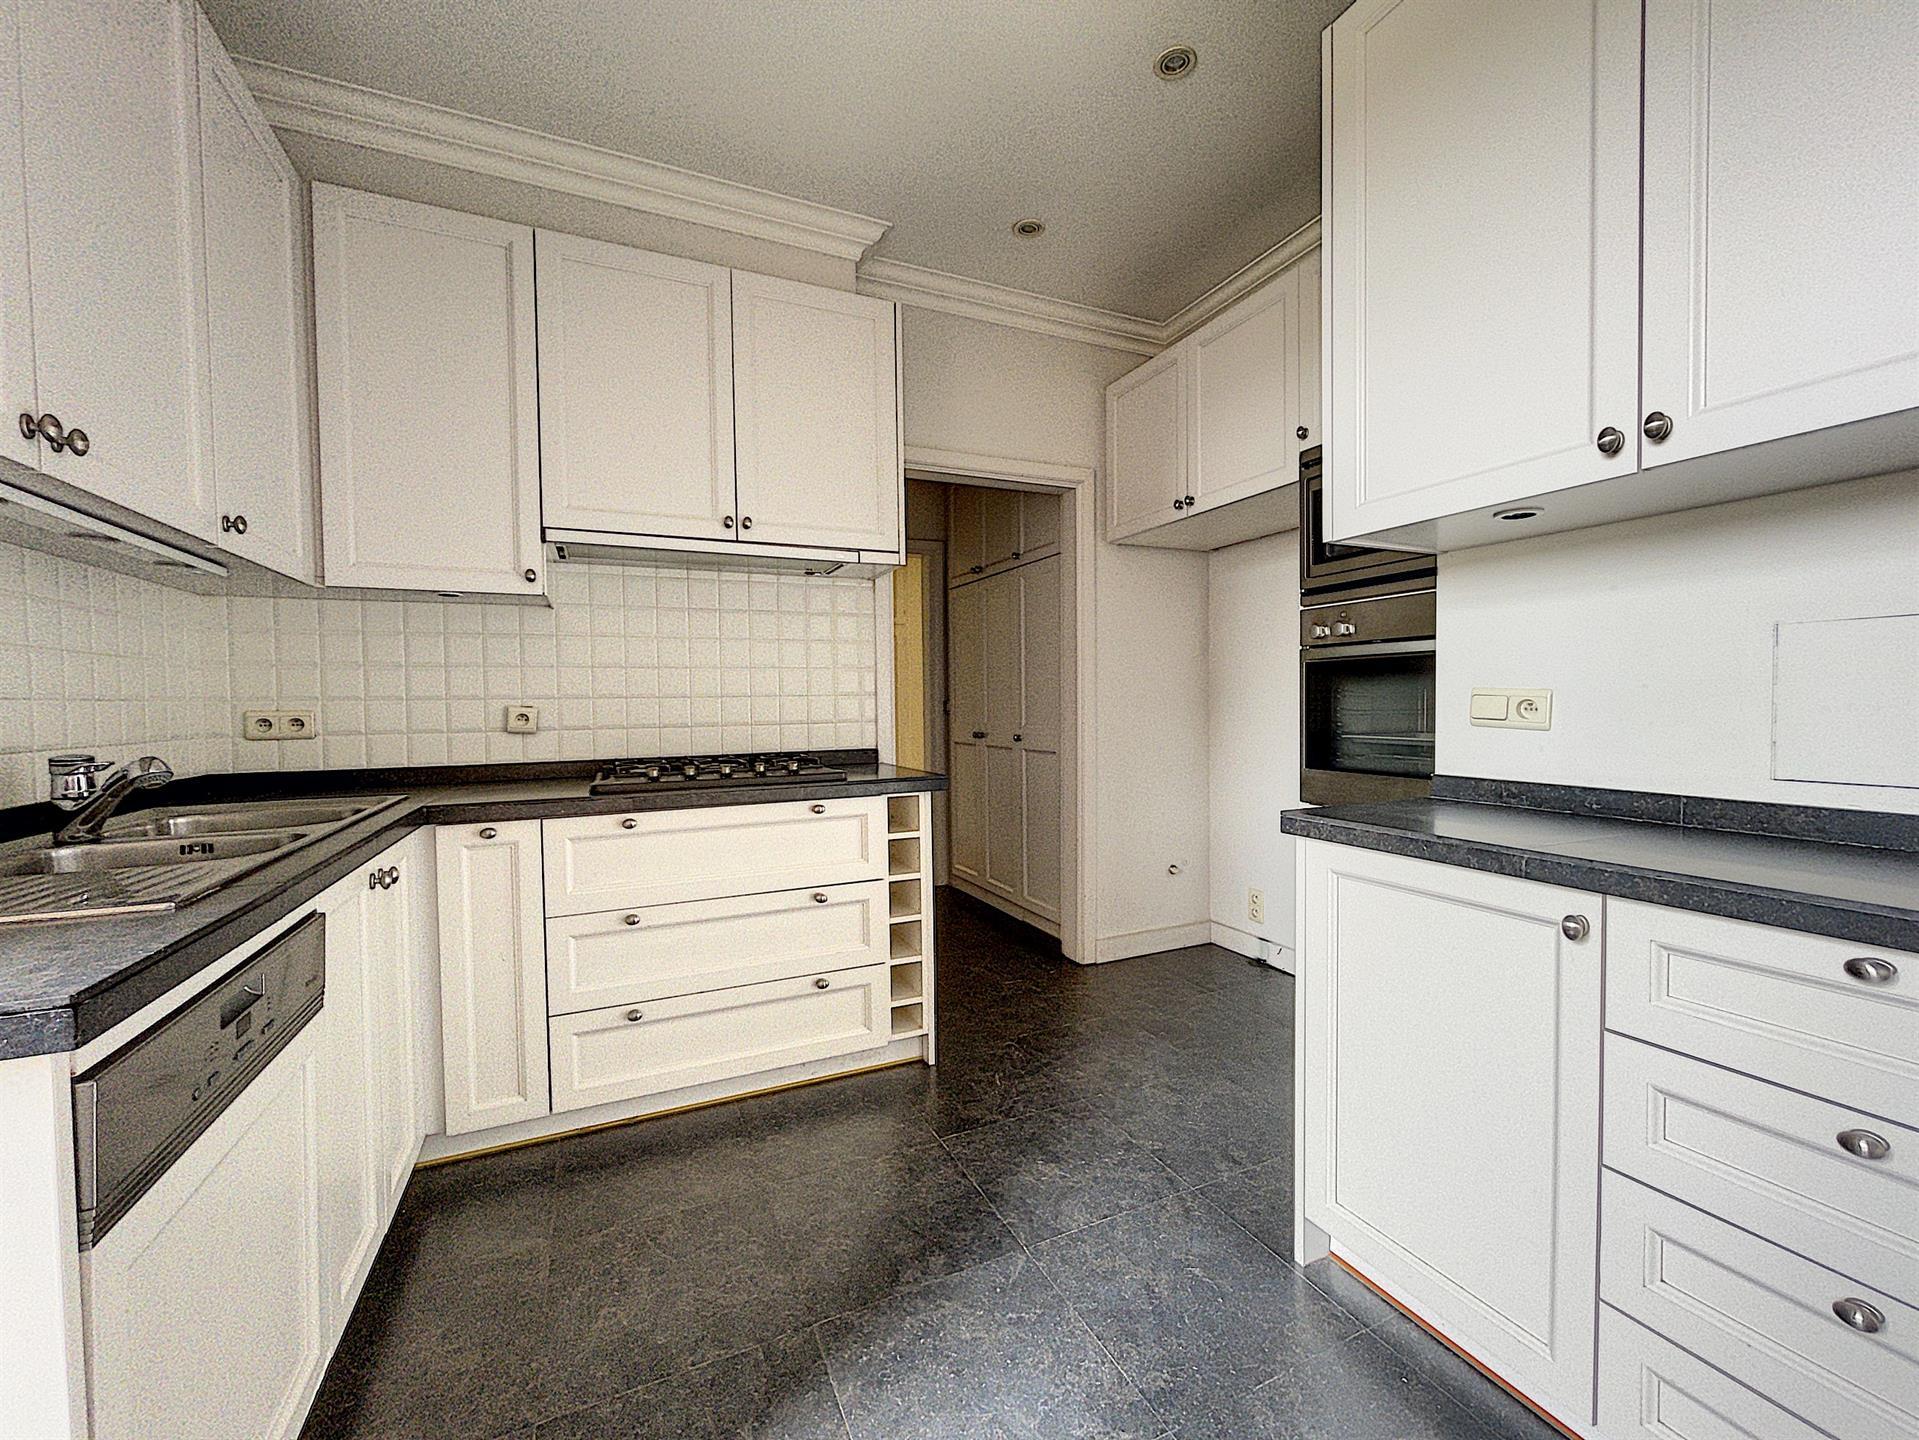 Appartement exceptionnel - Bruxelles/Ixelles - #4380182-4